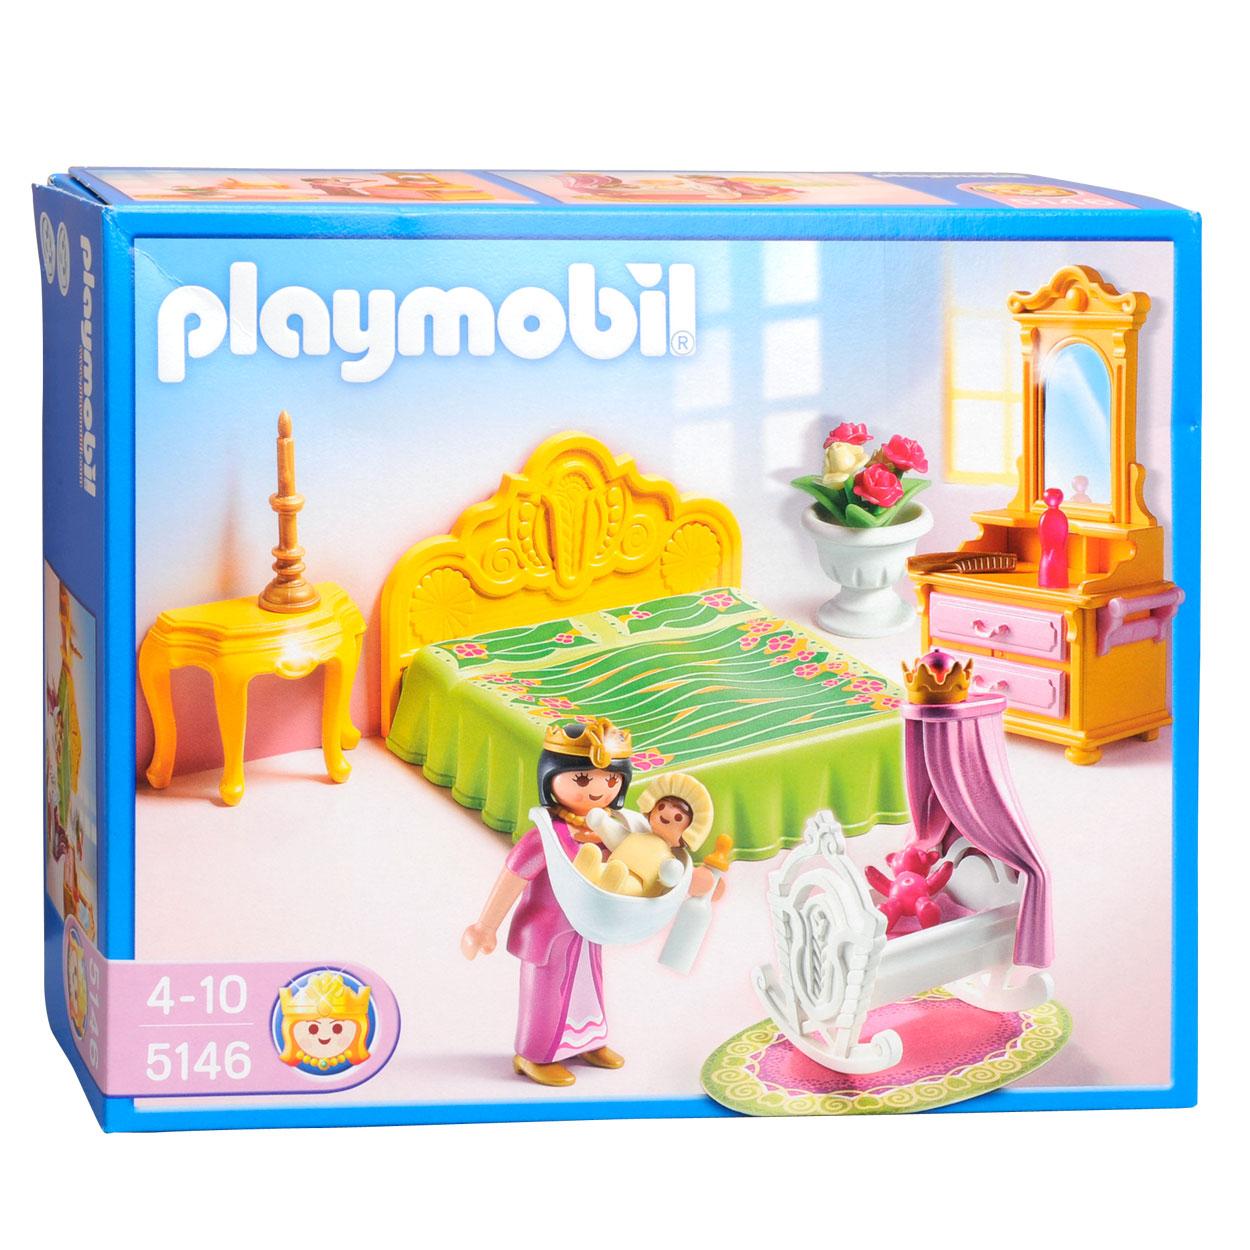 Playmobil prinsessen slaapkamer : Playmobil 5146 Slaapkamer met Wieg ...